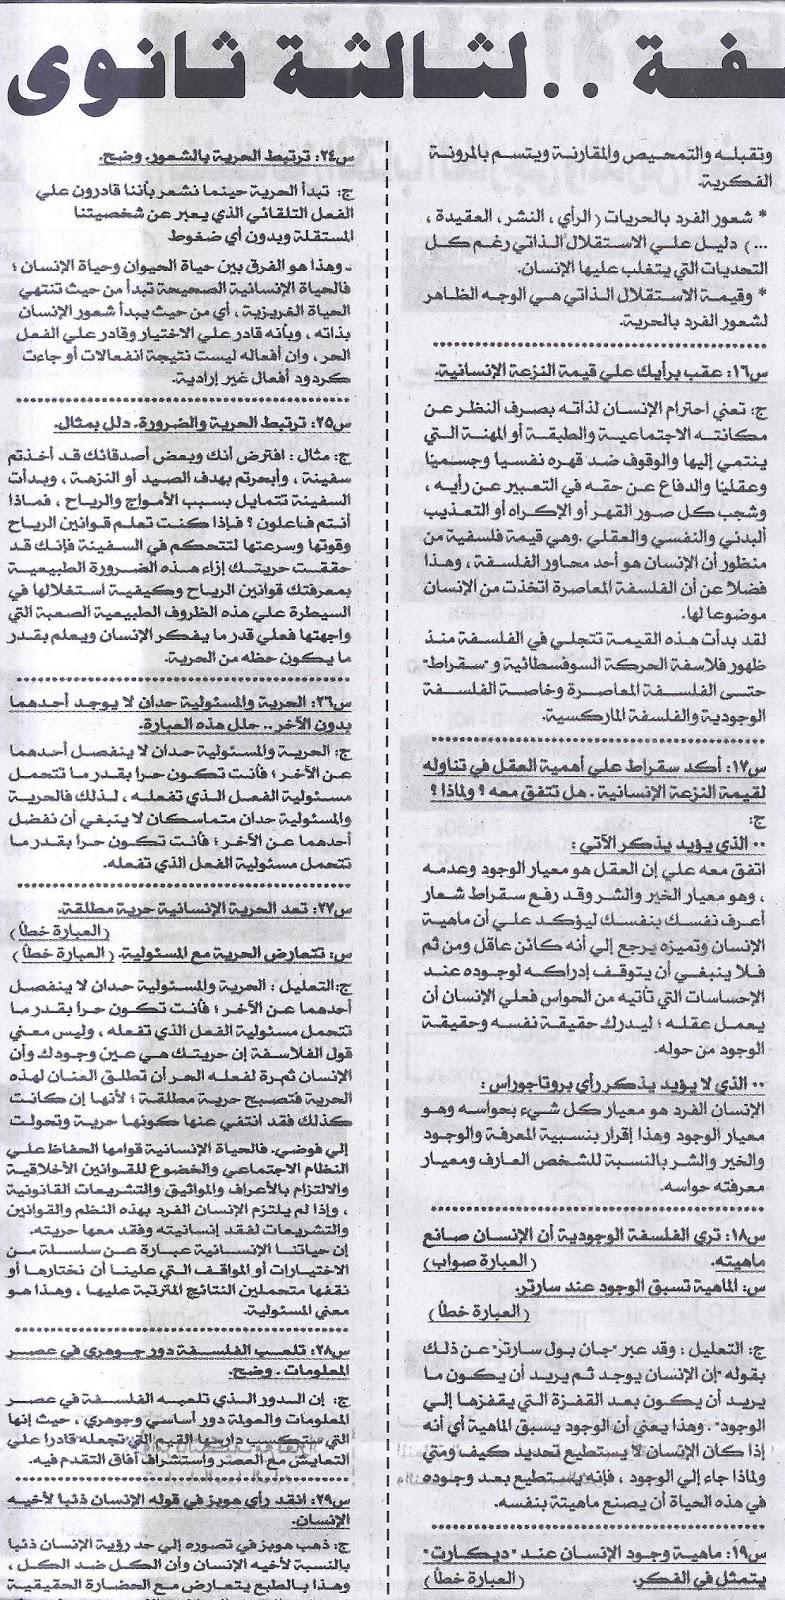 ملحق الجمهورية: بنك اسئلة بالاجابات لن يخلوا منة امتحان الفلسفة والمنطق للثانوية العامة 2016 11